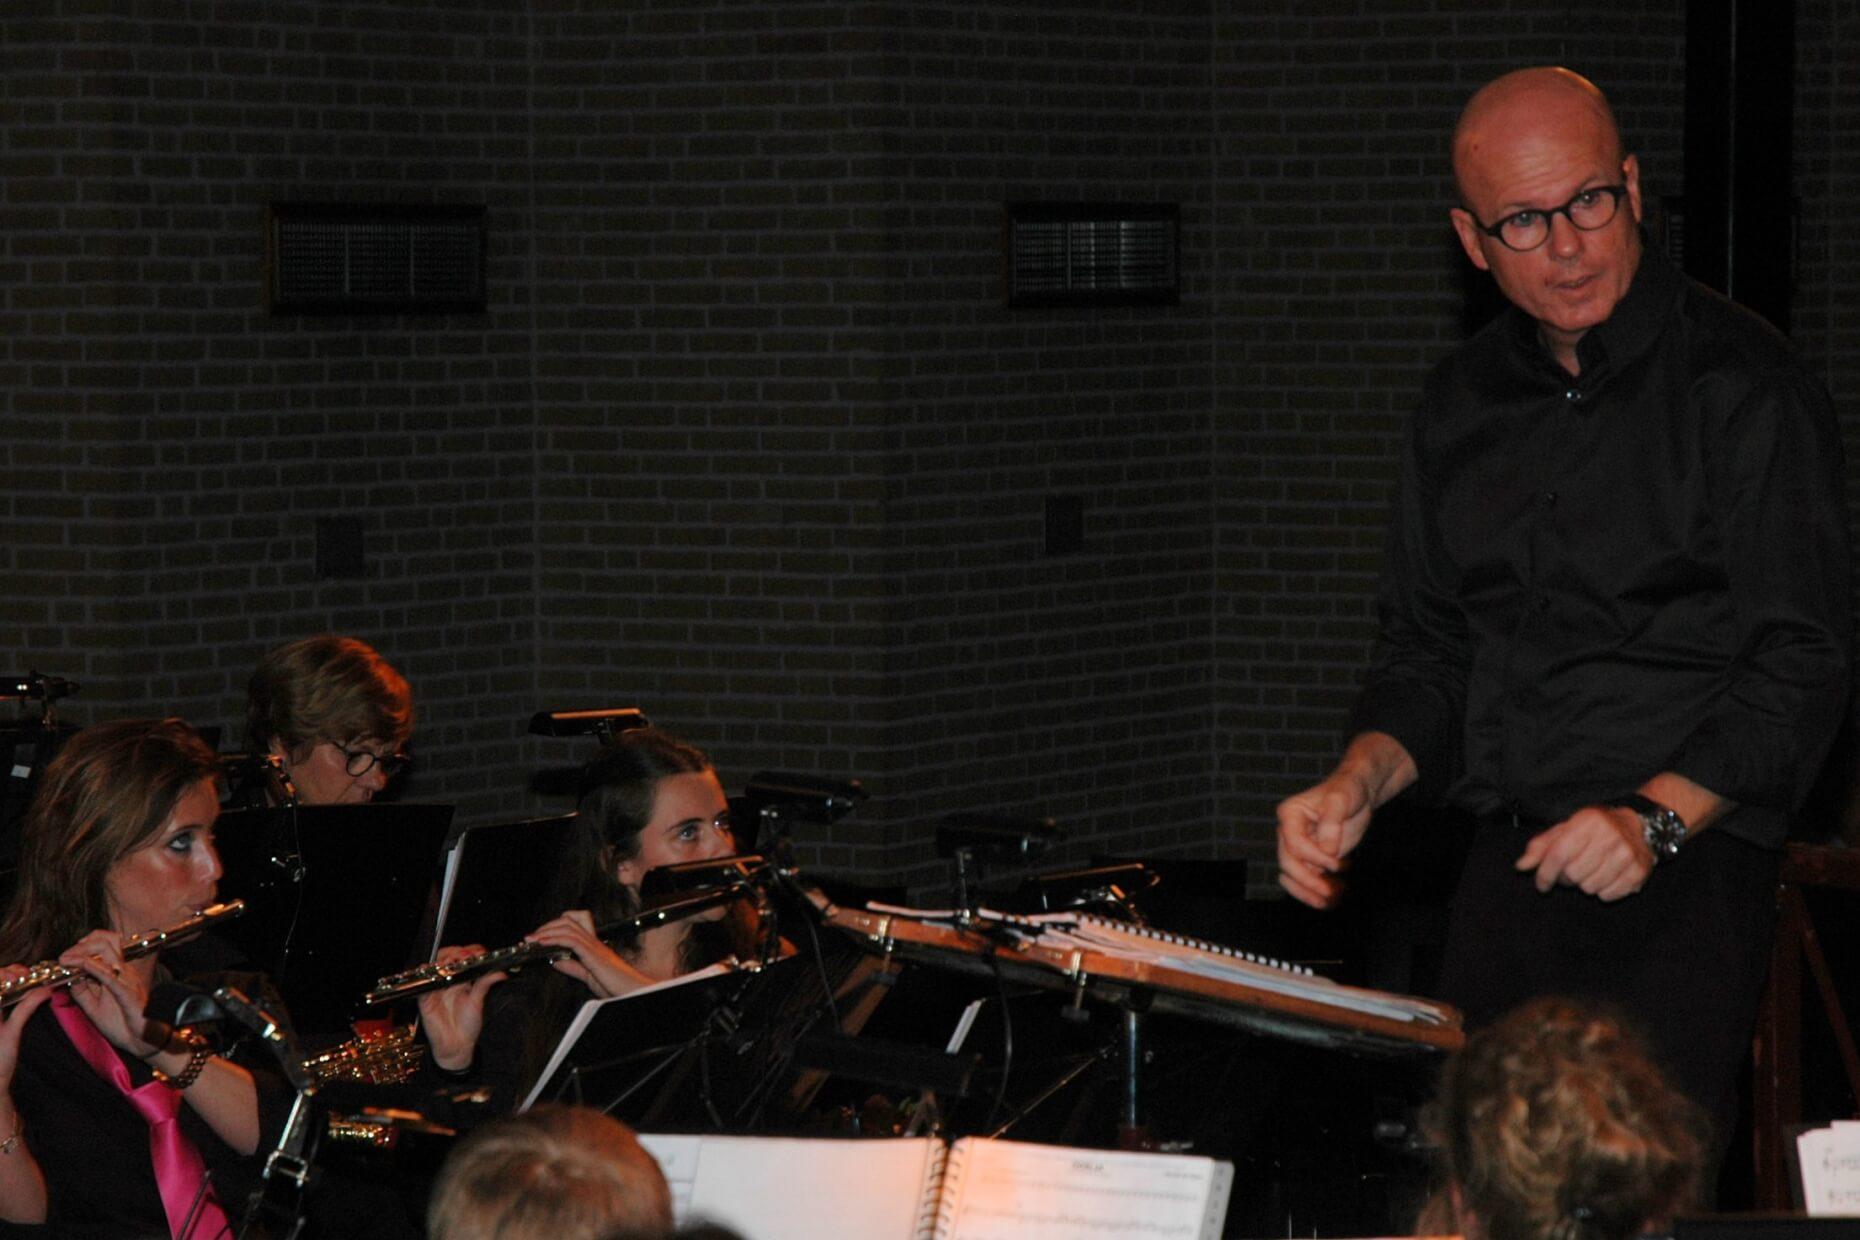 aspirantenorkest najaarsconcert